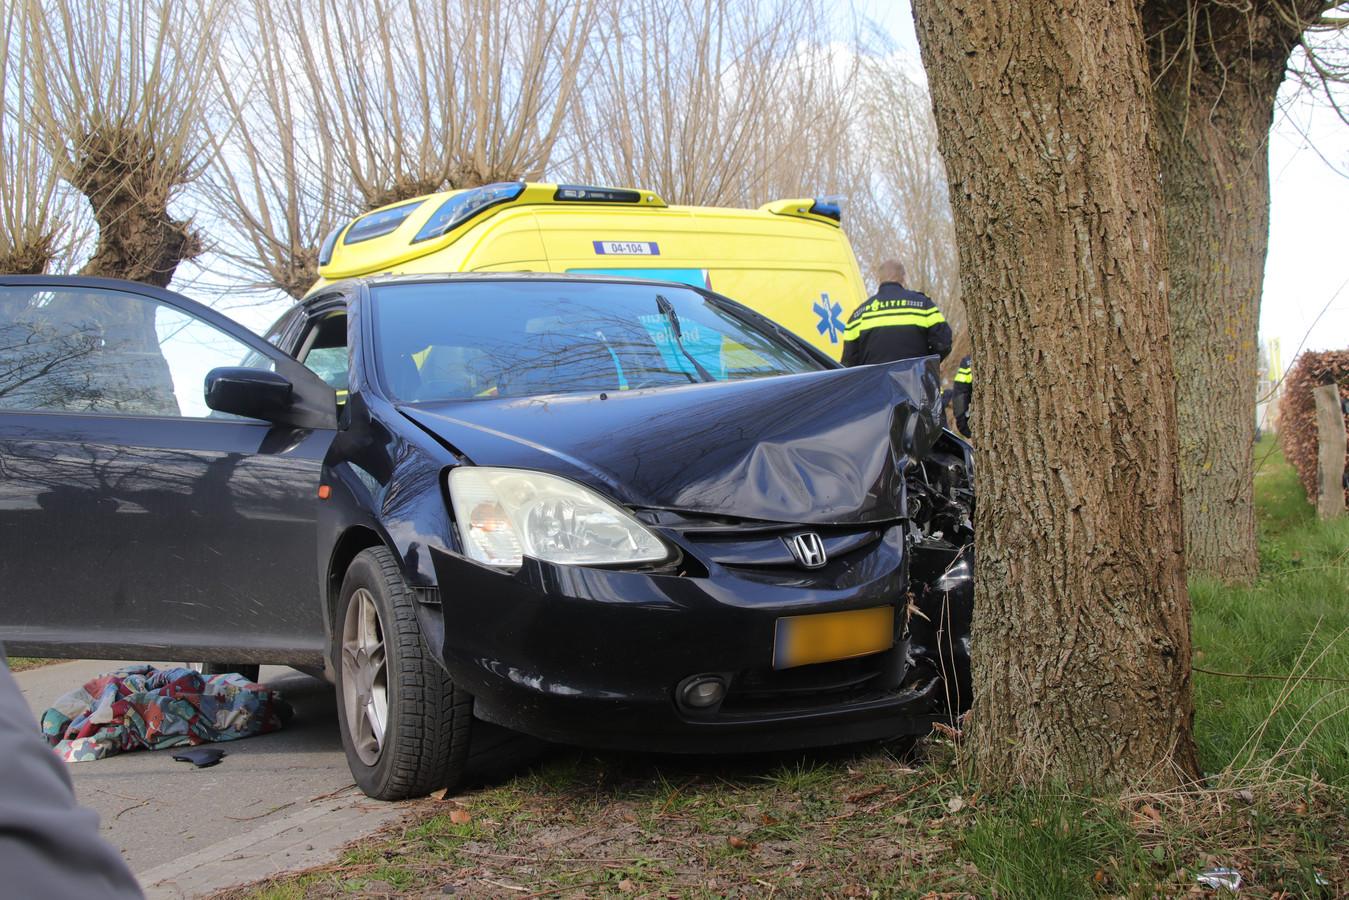 De bestuurder van de auto raakte volgens de politie onwel en botste op een boom langs de Kleine Veerweg in Zwolle. Hij en zijn vrouwelijke passagier zijn naar het ziekenhuis gebracht.